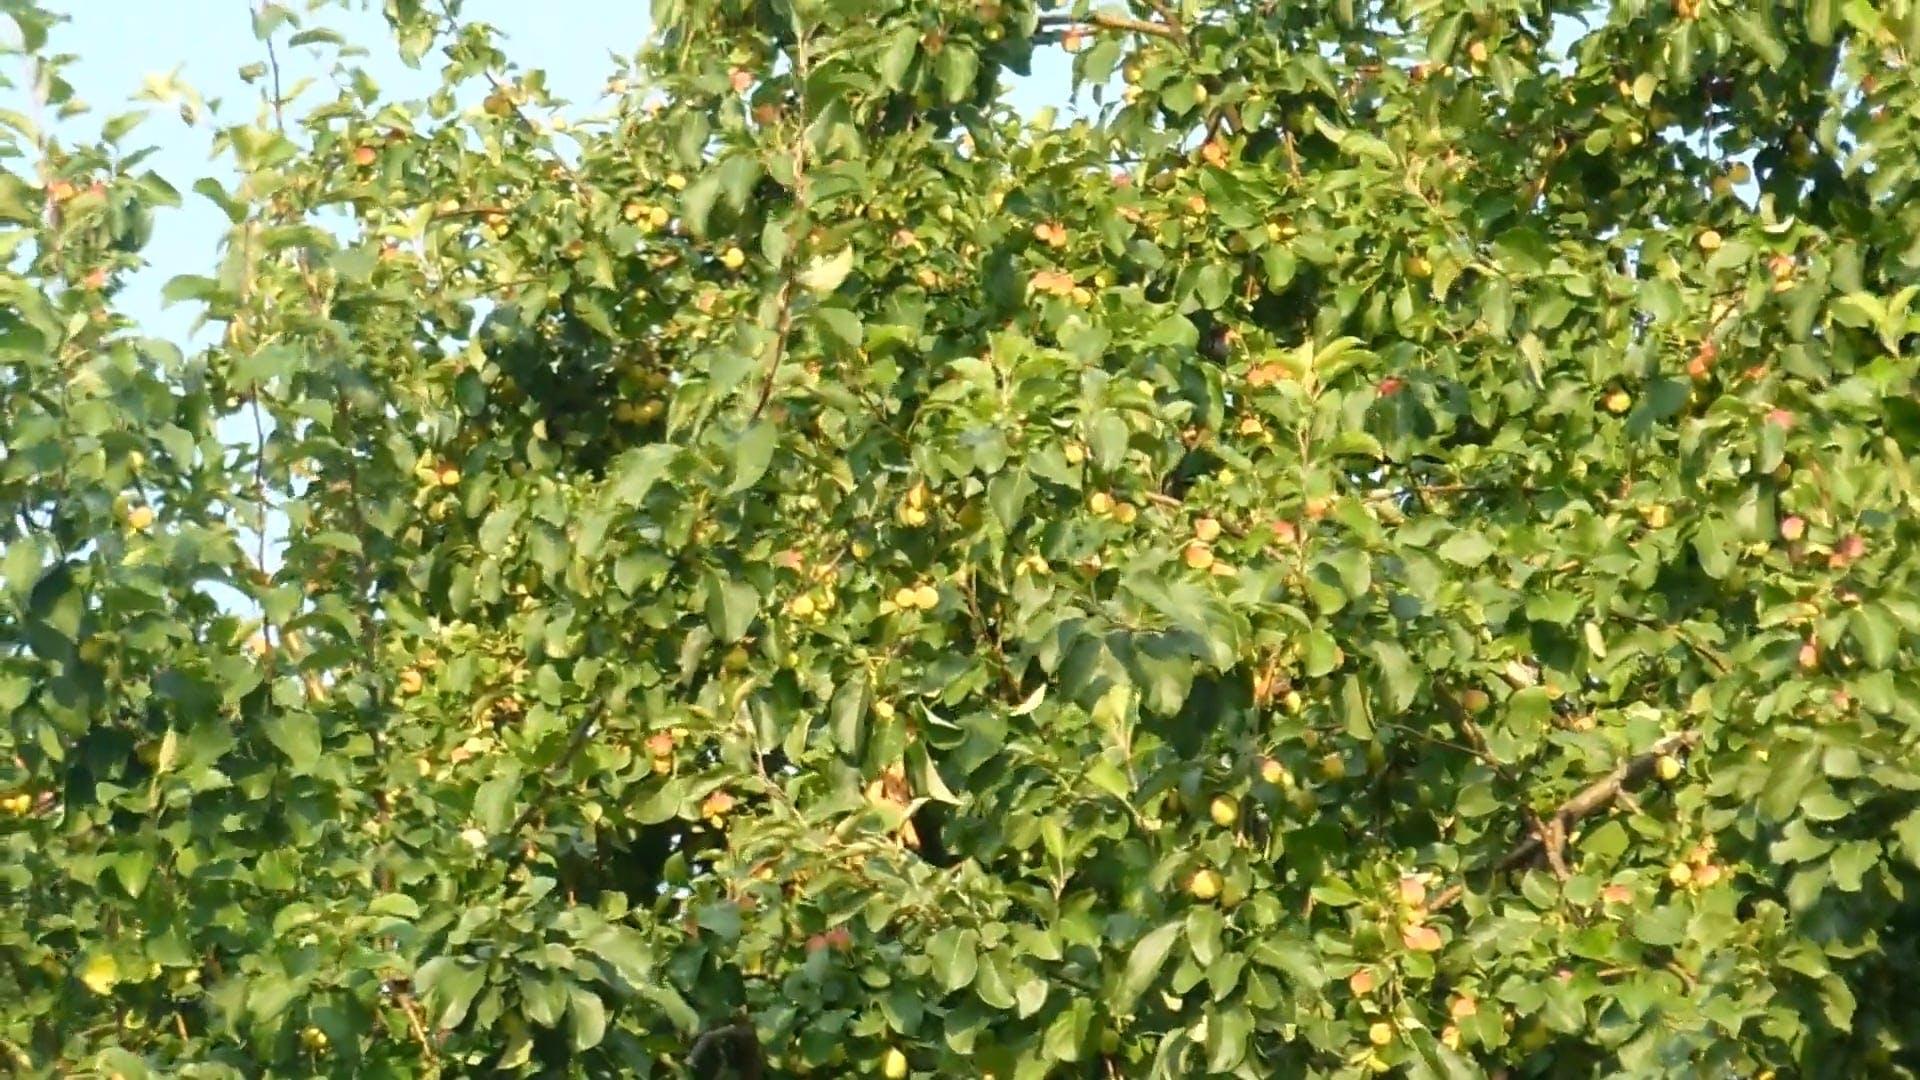 An Apple Fruit Growing Tree